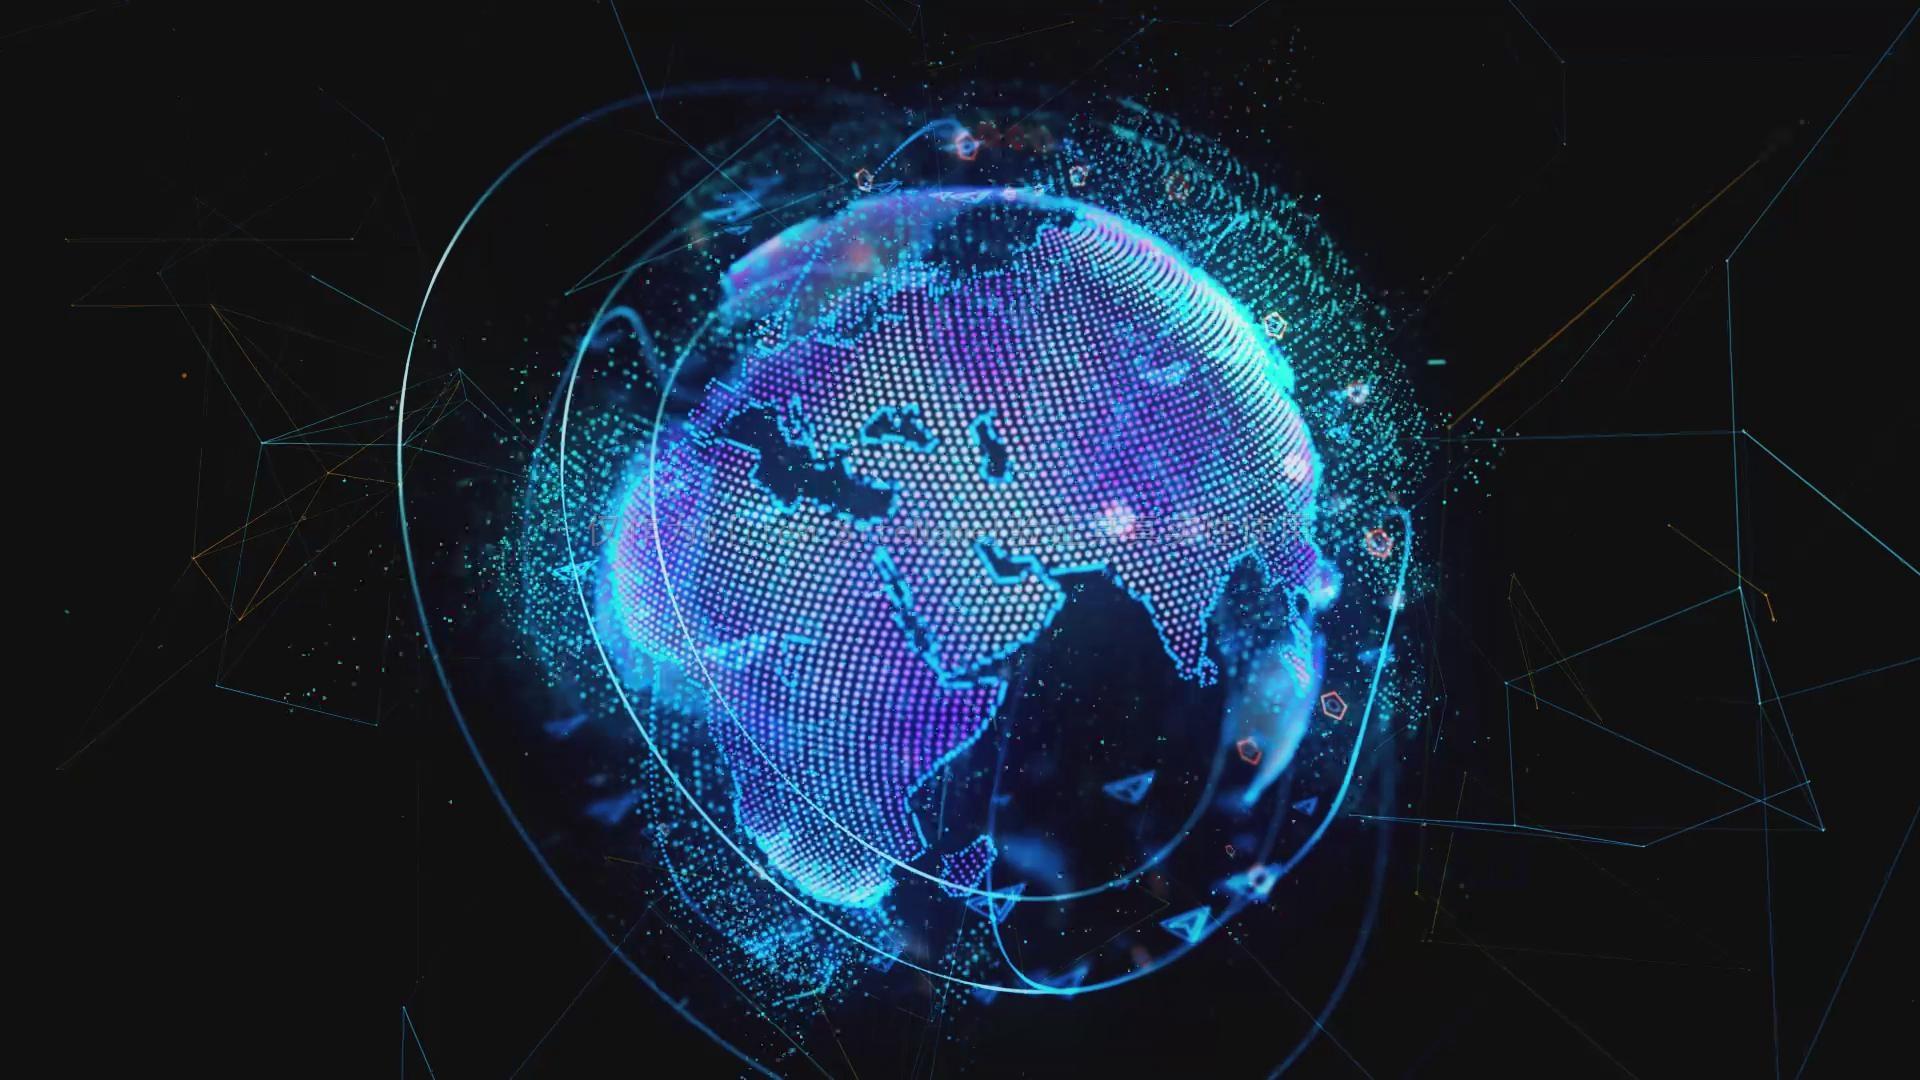 强大的云+多元化的端才是未来计算架构发展趋势 | CES2019